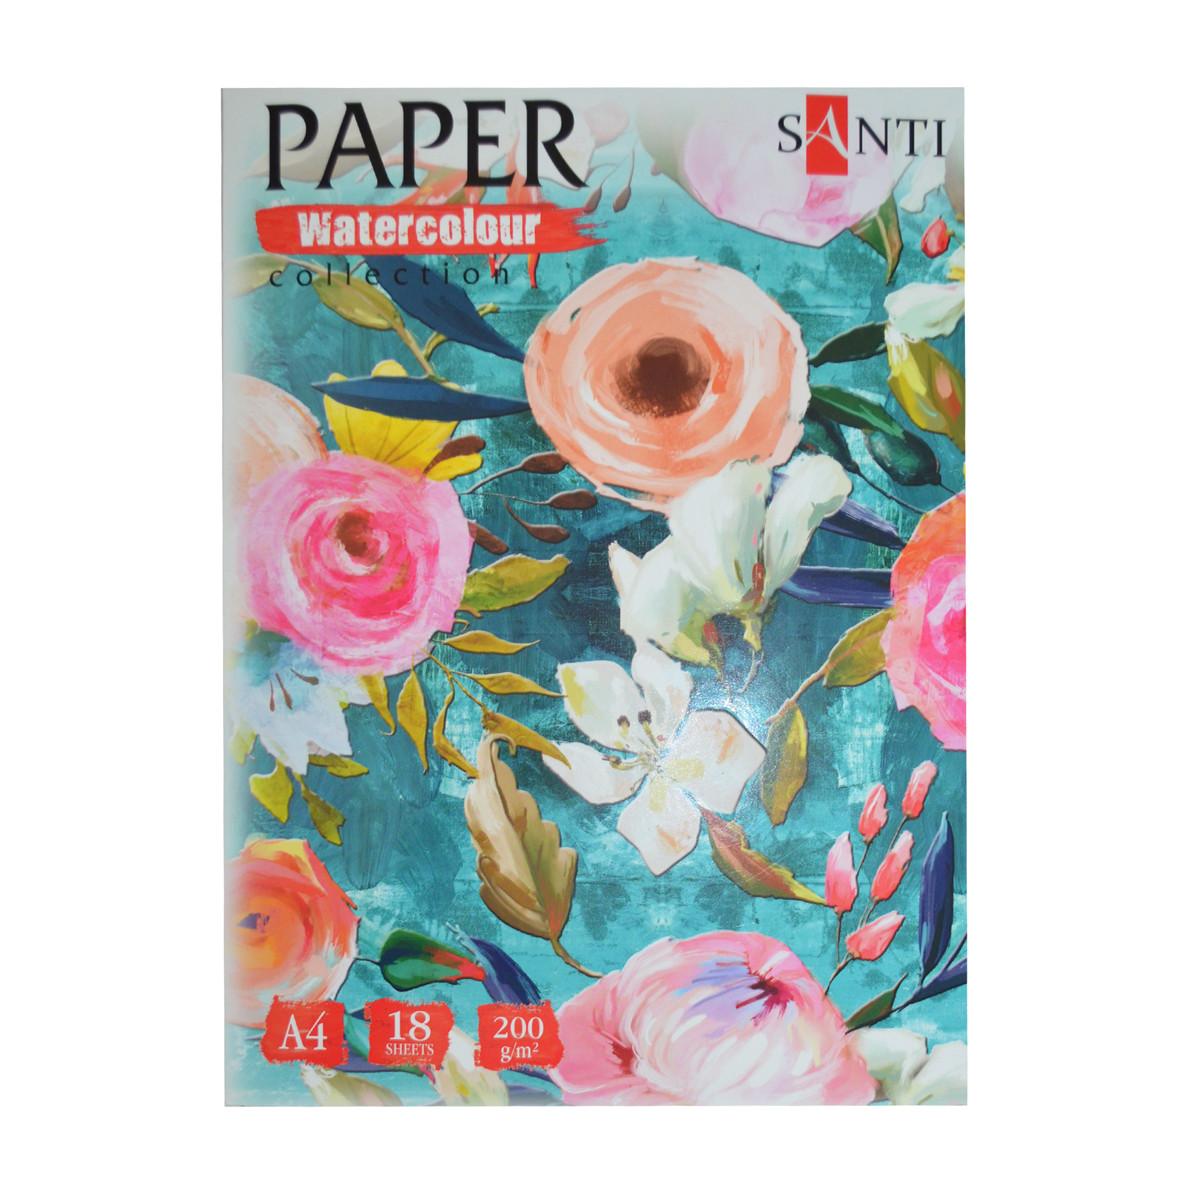 """Набор аквар бумаги SANTI """"Floristics"""", А4, """"Paper Watercolor Collection"""", 18 л., 200г/м2 - фото 1"""